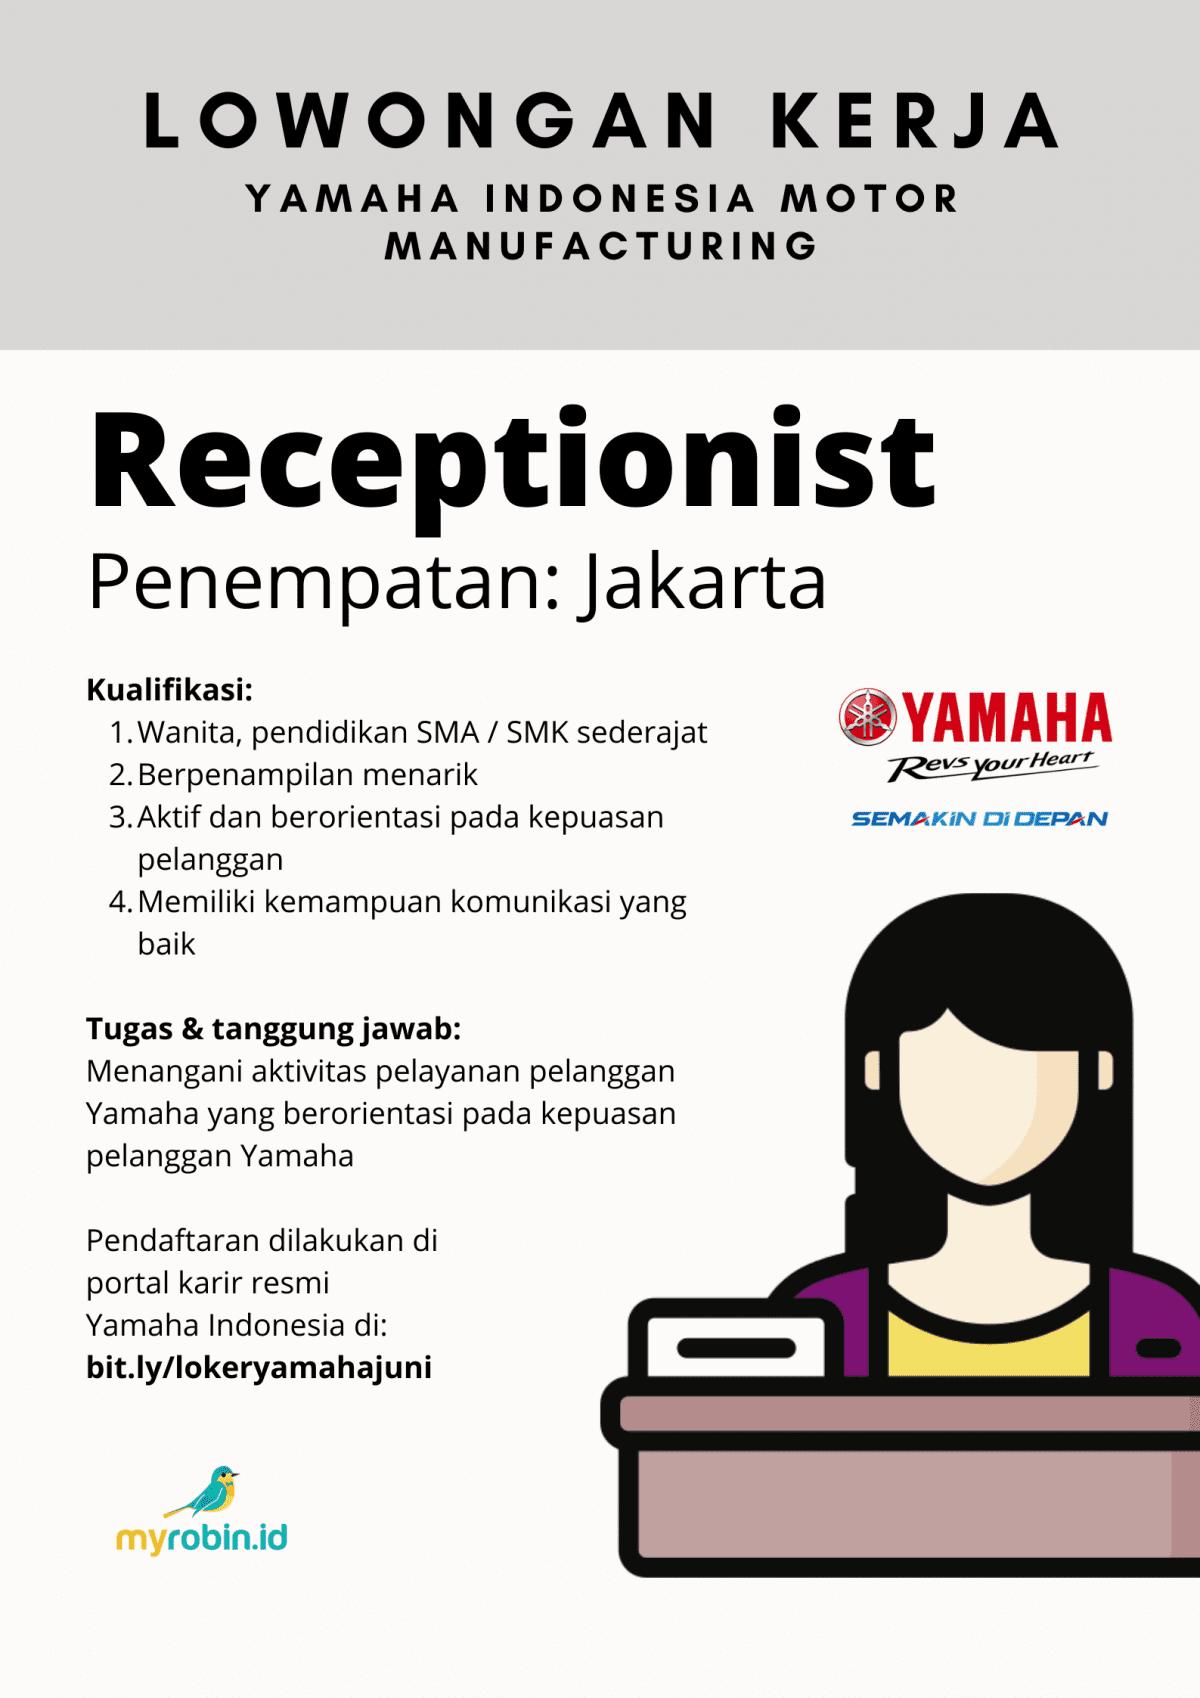 Yamaha membuka lowongan untuk Operator dan Resepsionis, min SMA/SMK sederajat. - MyRobin